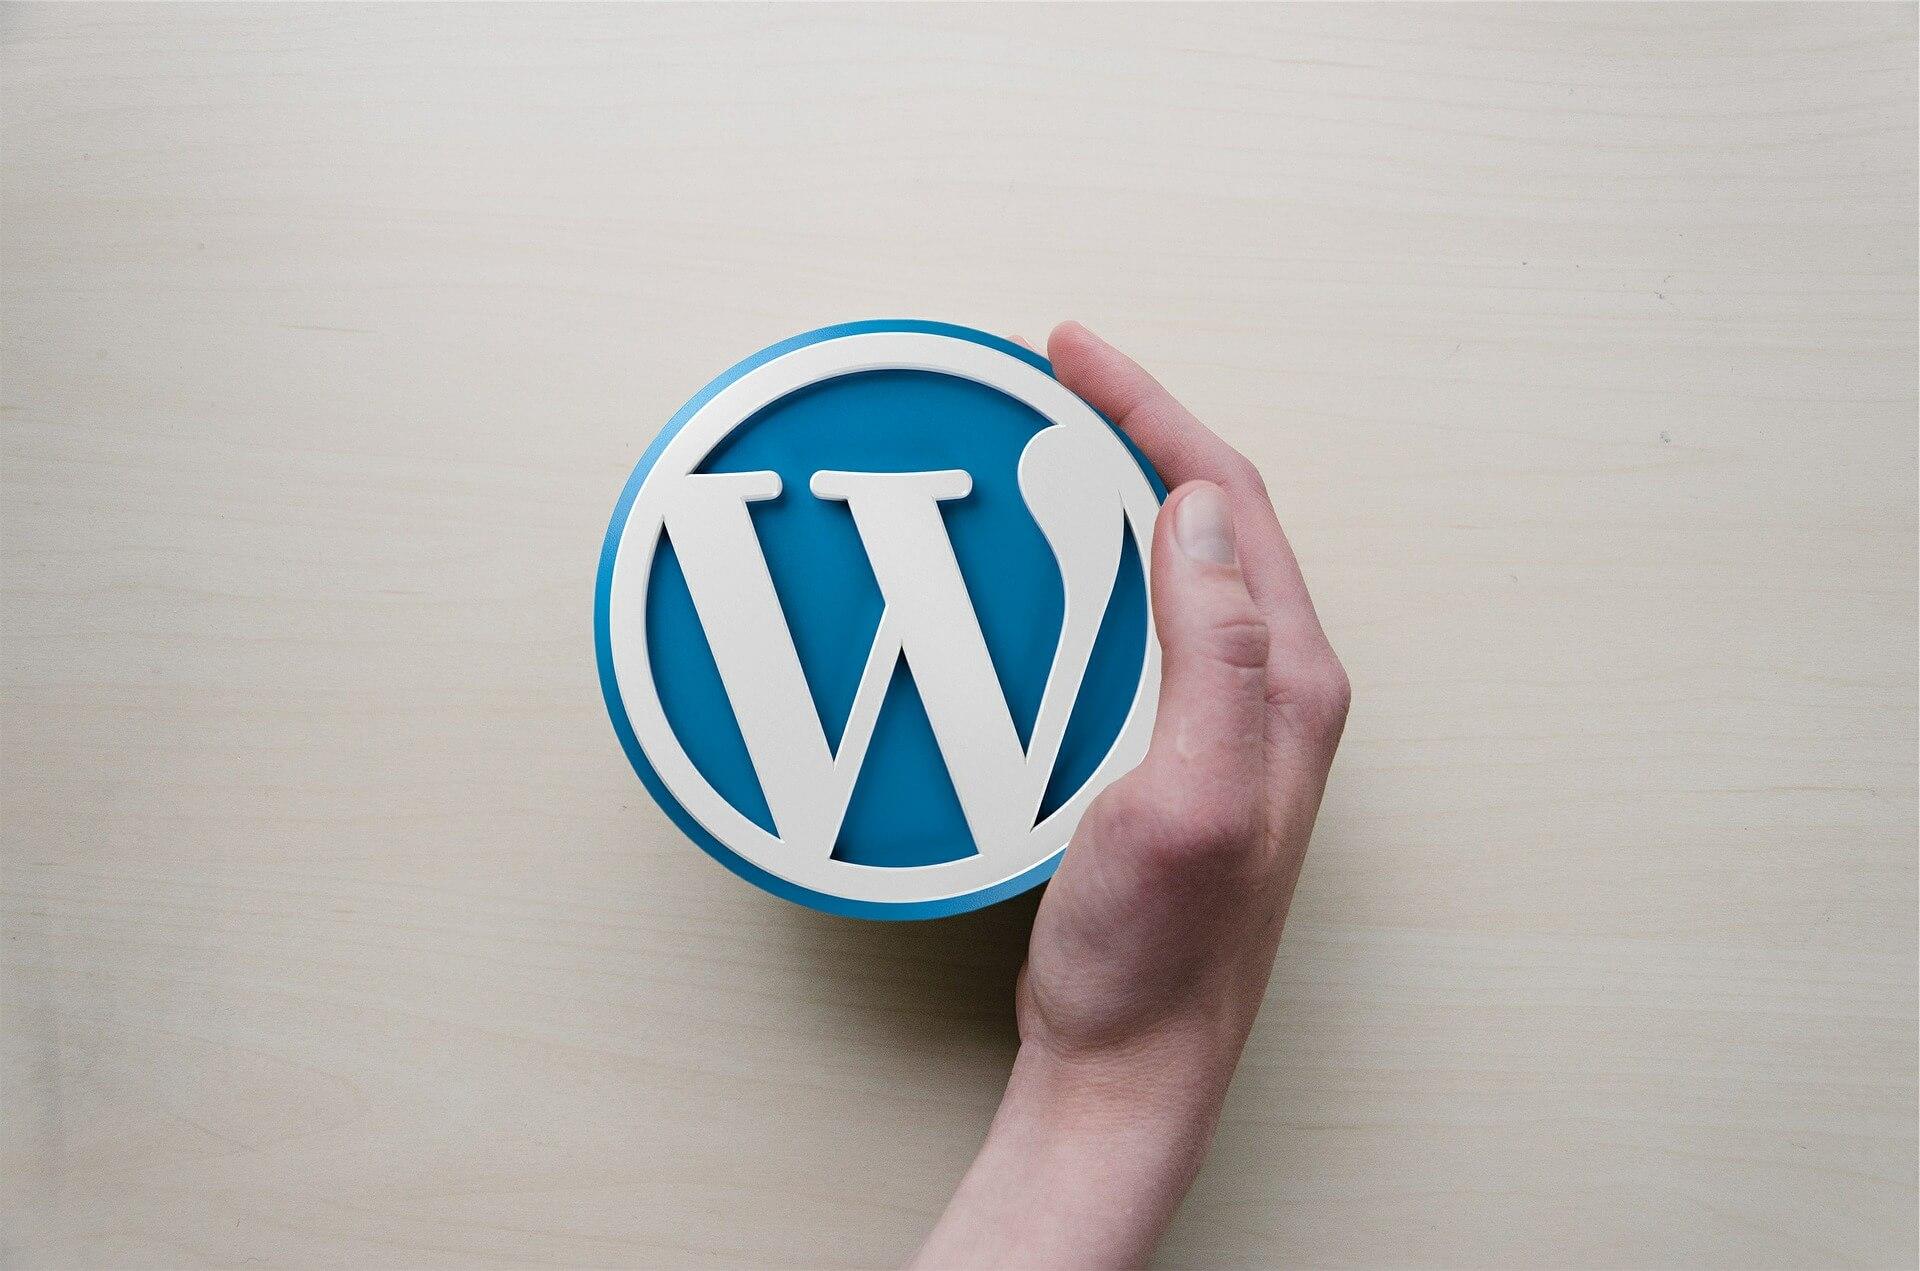 Cara Memilih Theme WordPress Yang Baik - JADIDEWA.COM